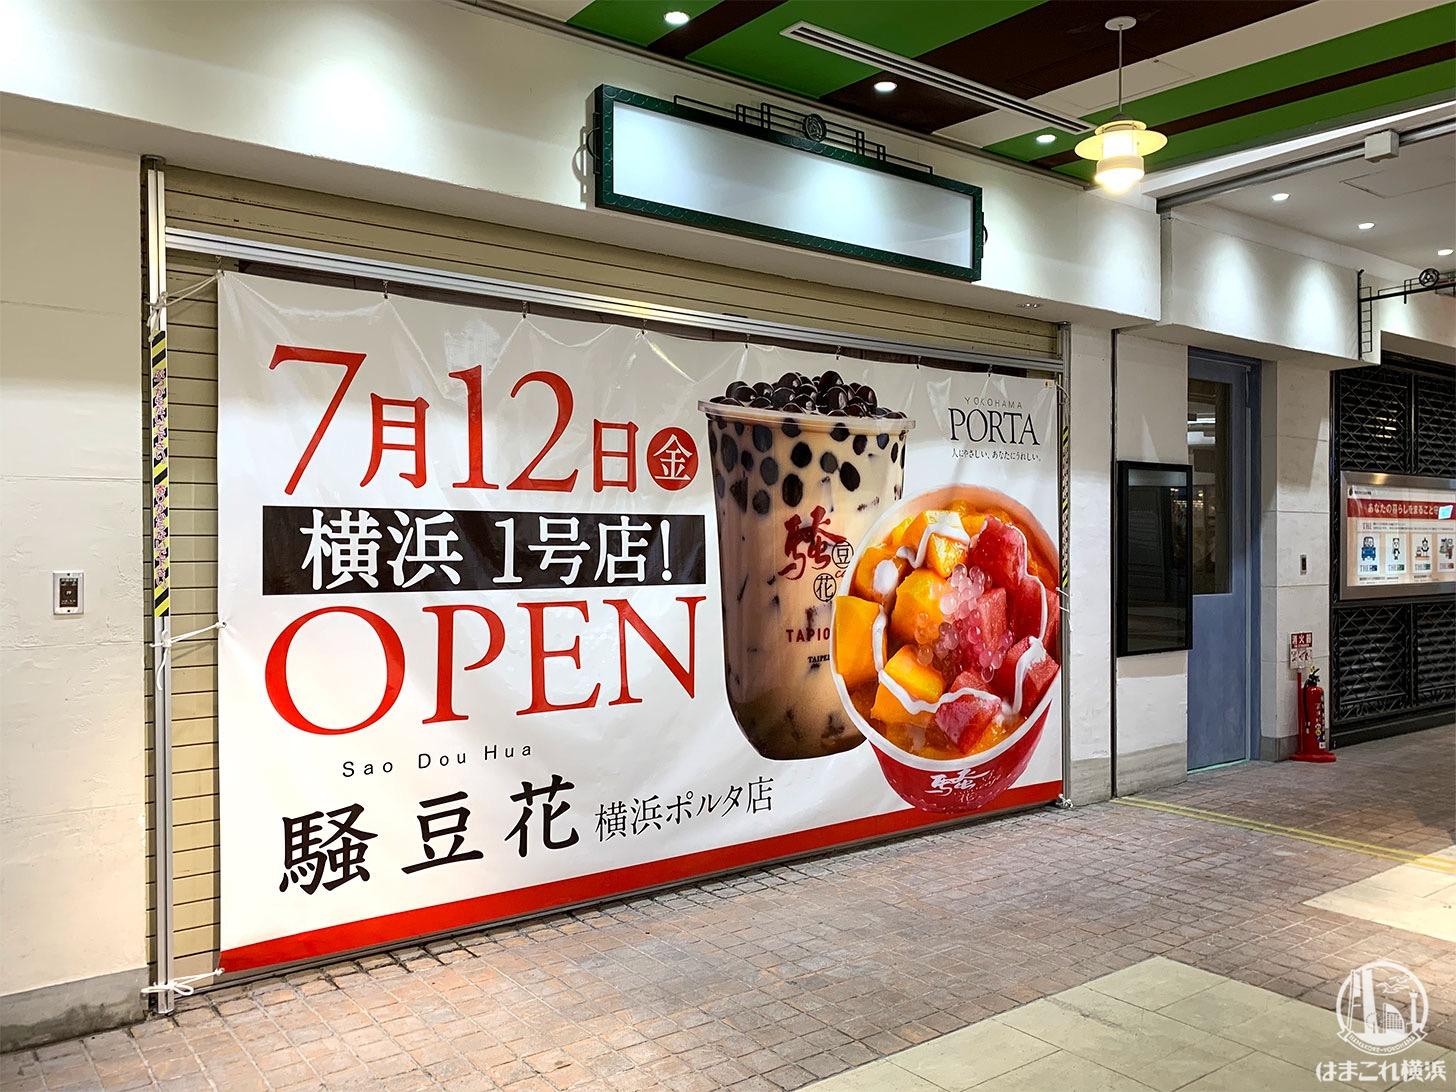 サオドウファ(騒豆花)オープン場所